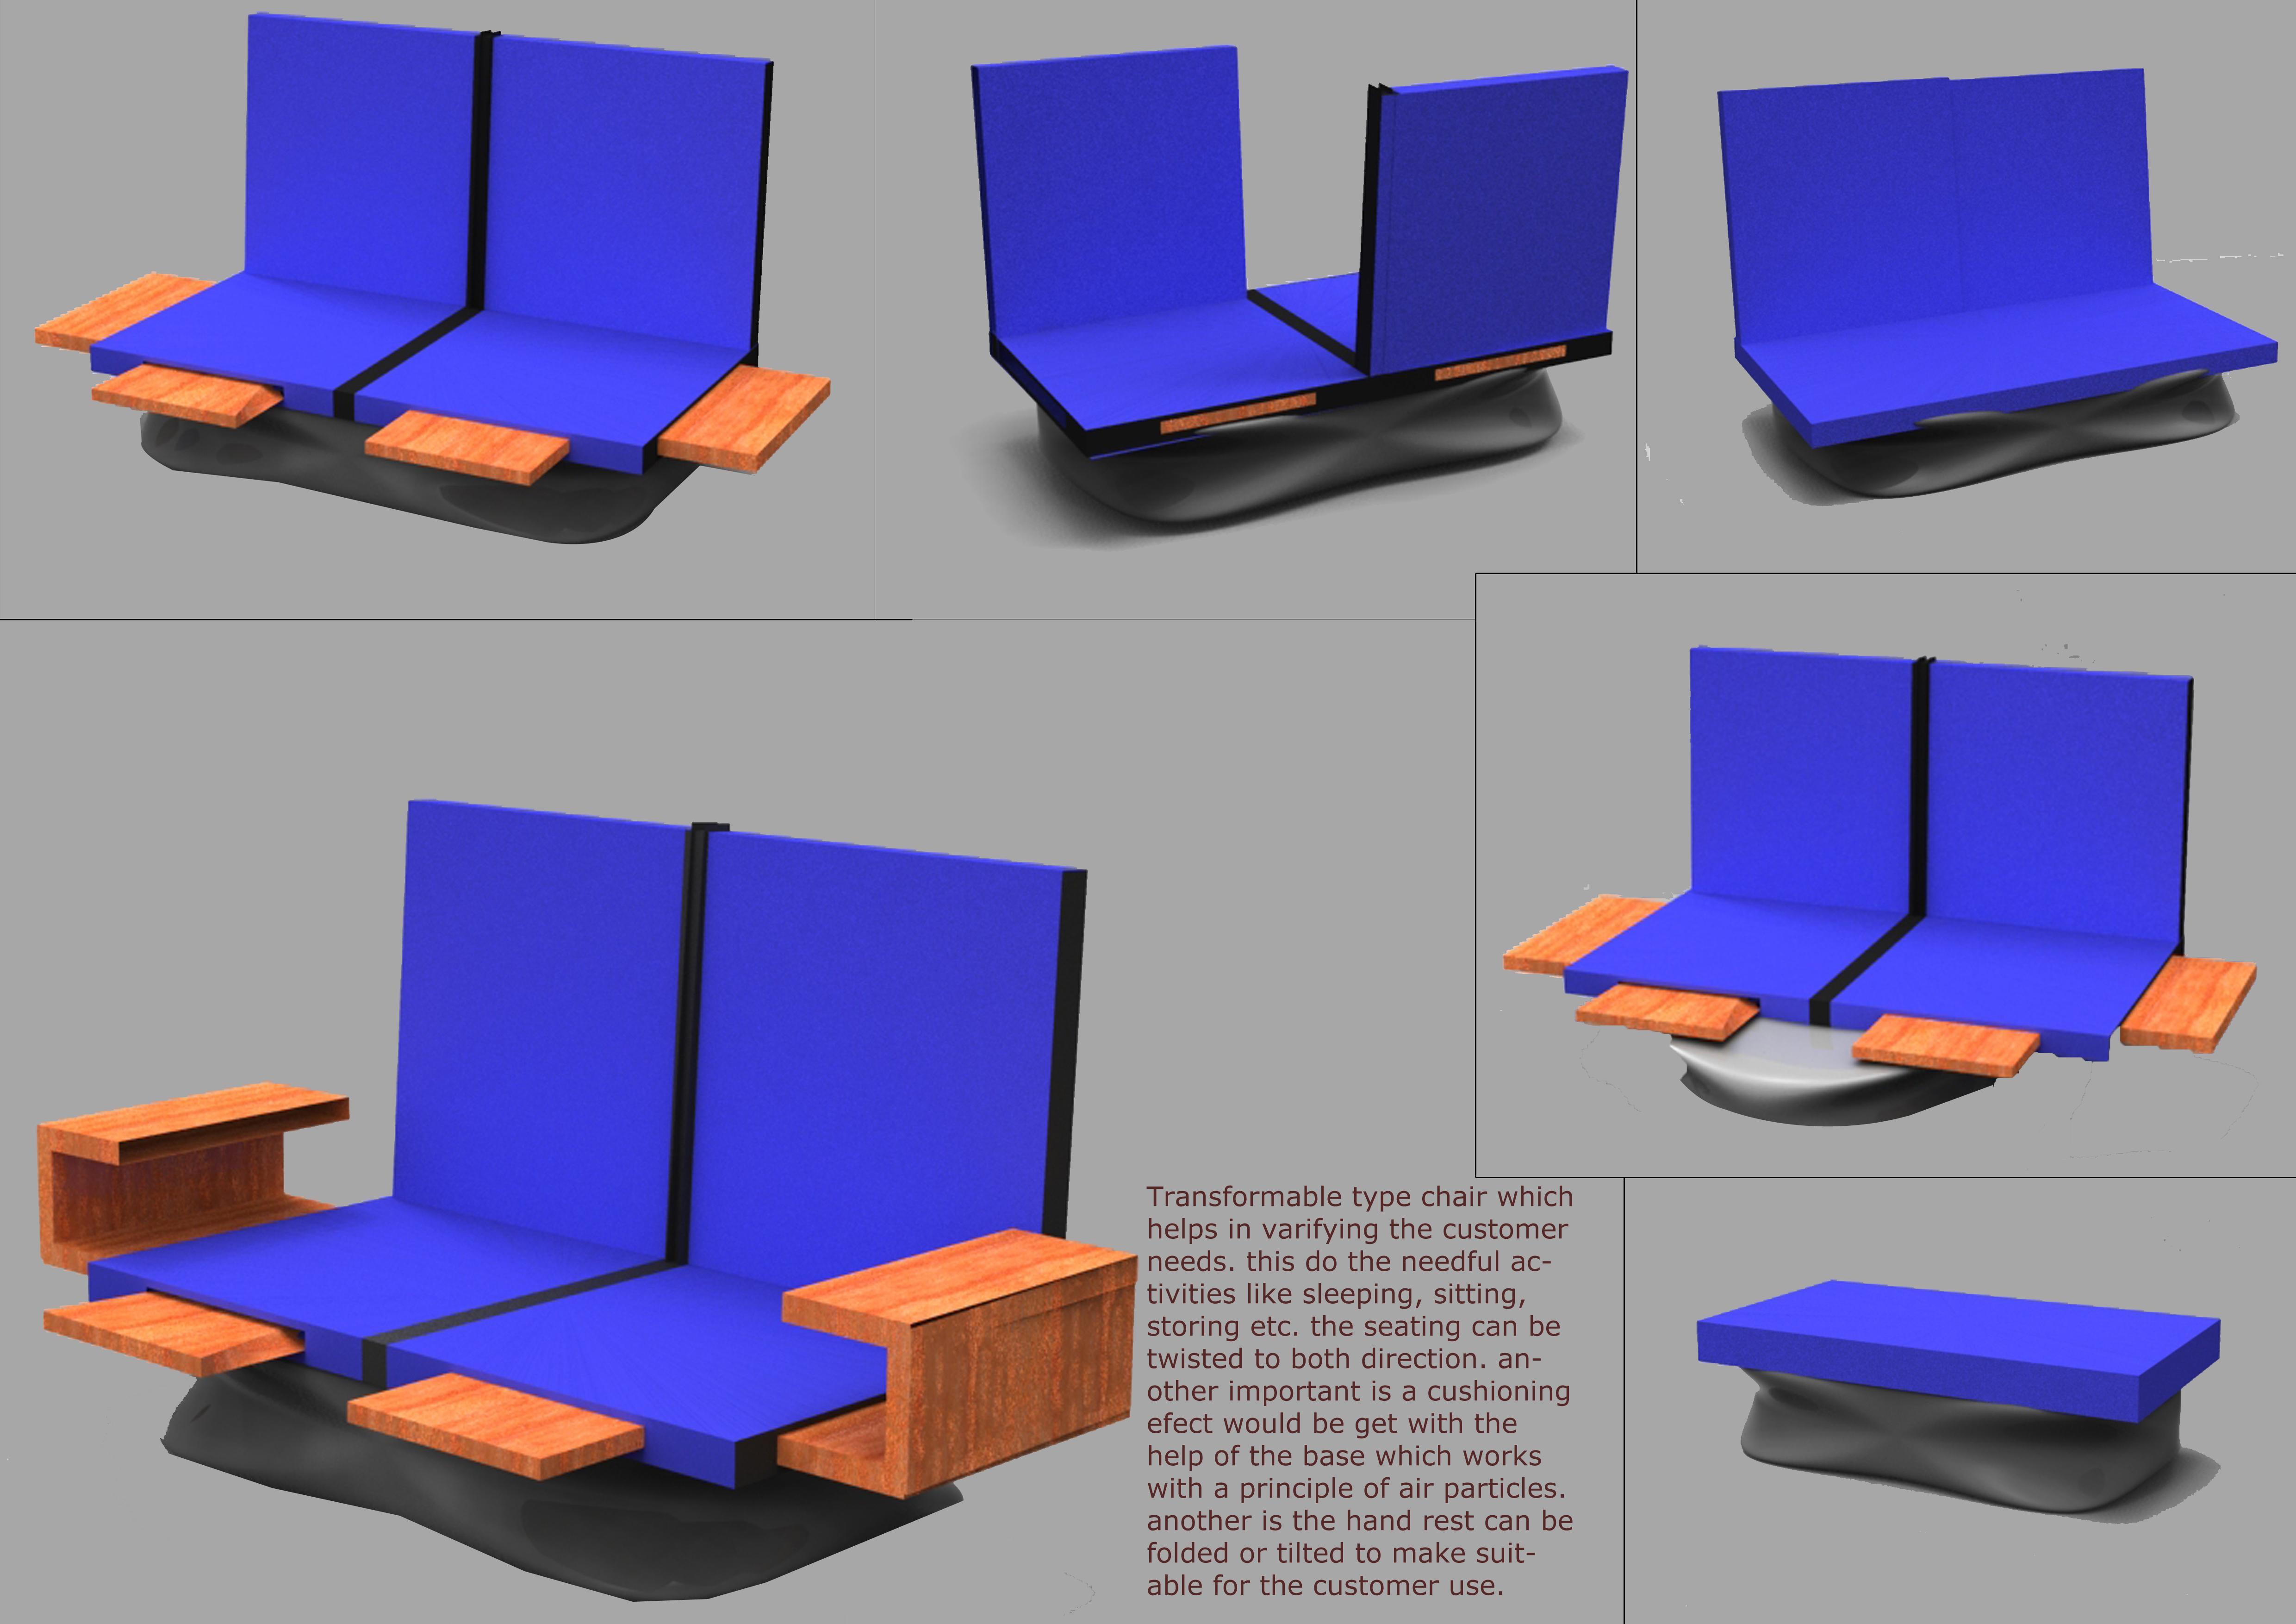 furniture design by Hari r at Coroflotcom